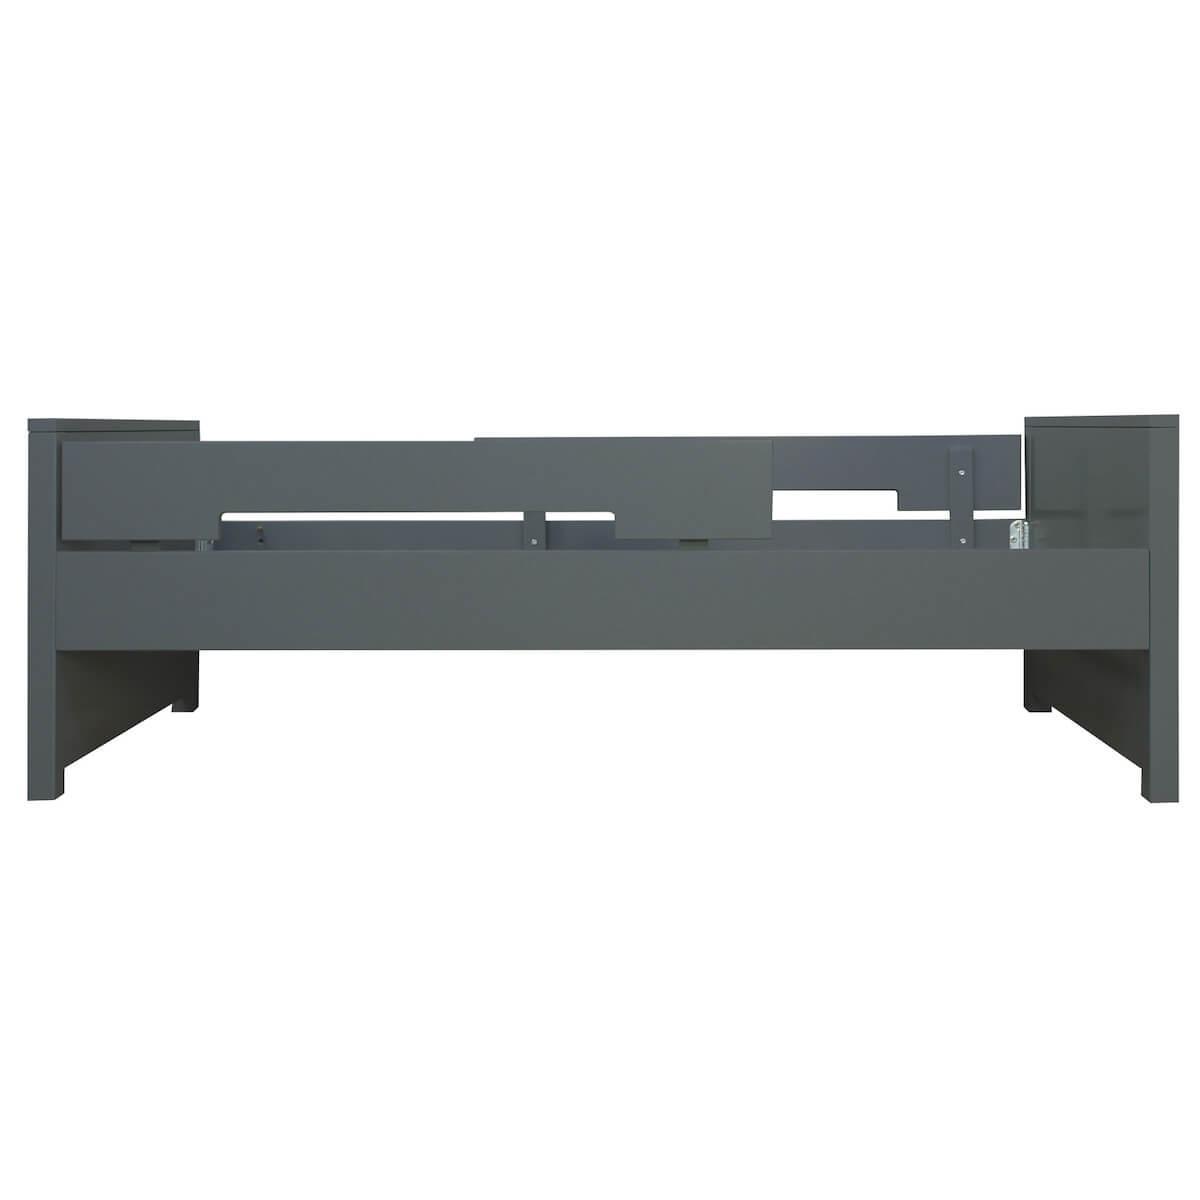 Lit simple 90x200cm JONNE MIX & MATCH Bopita deep grey